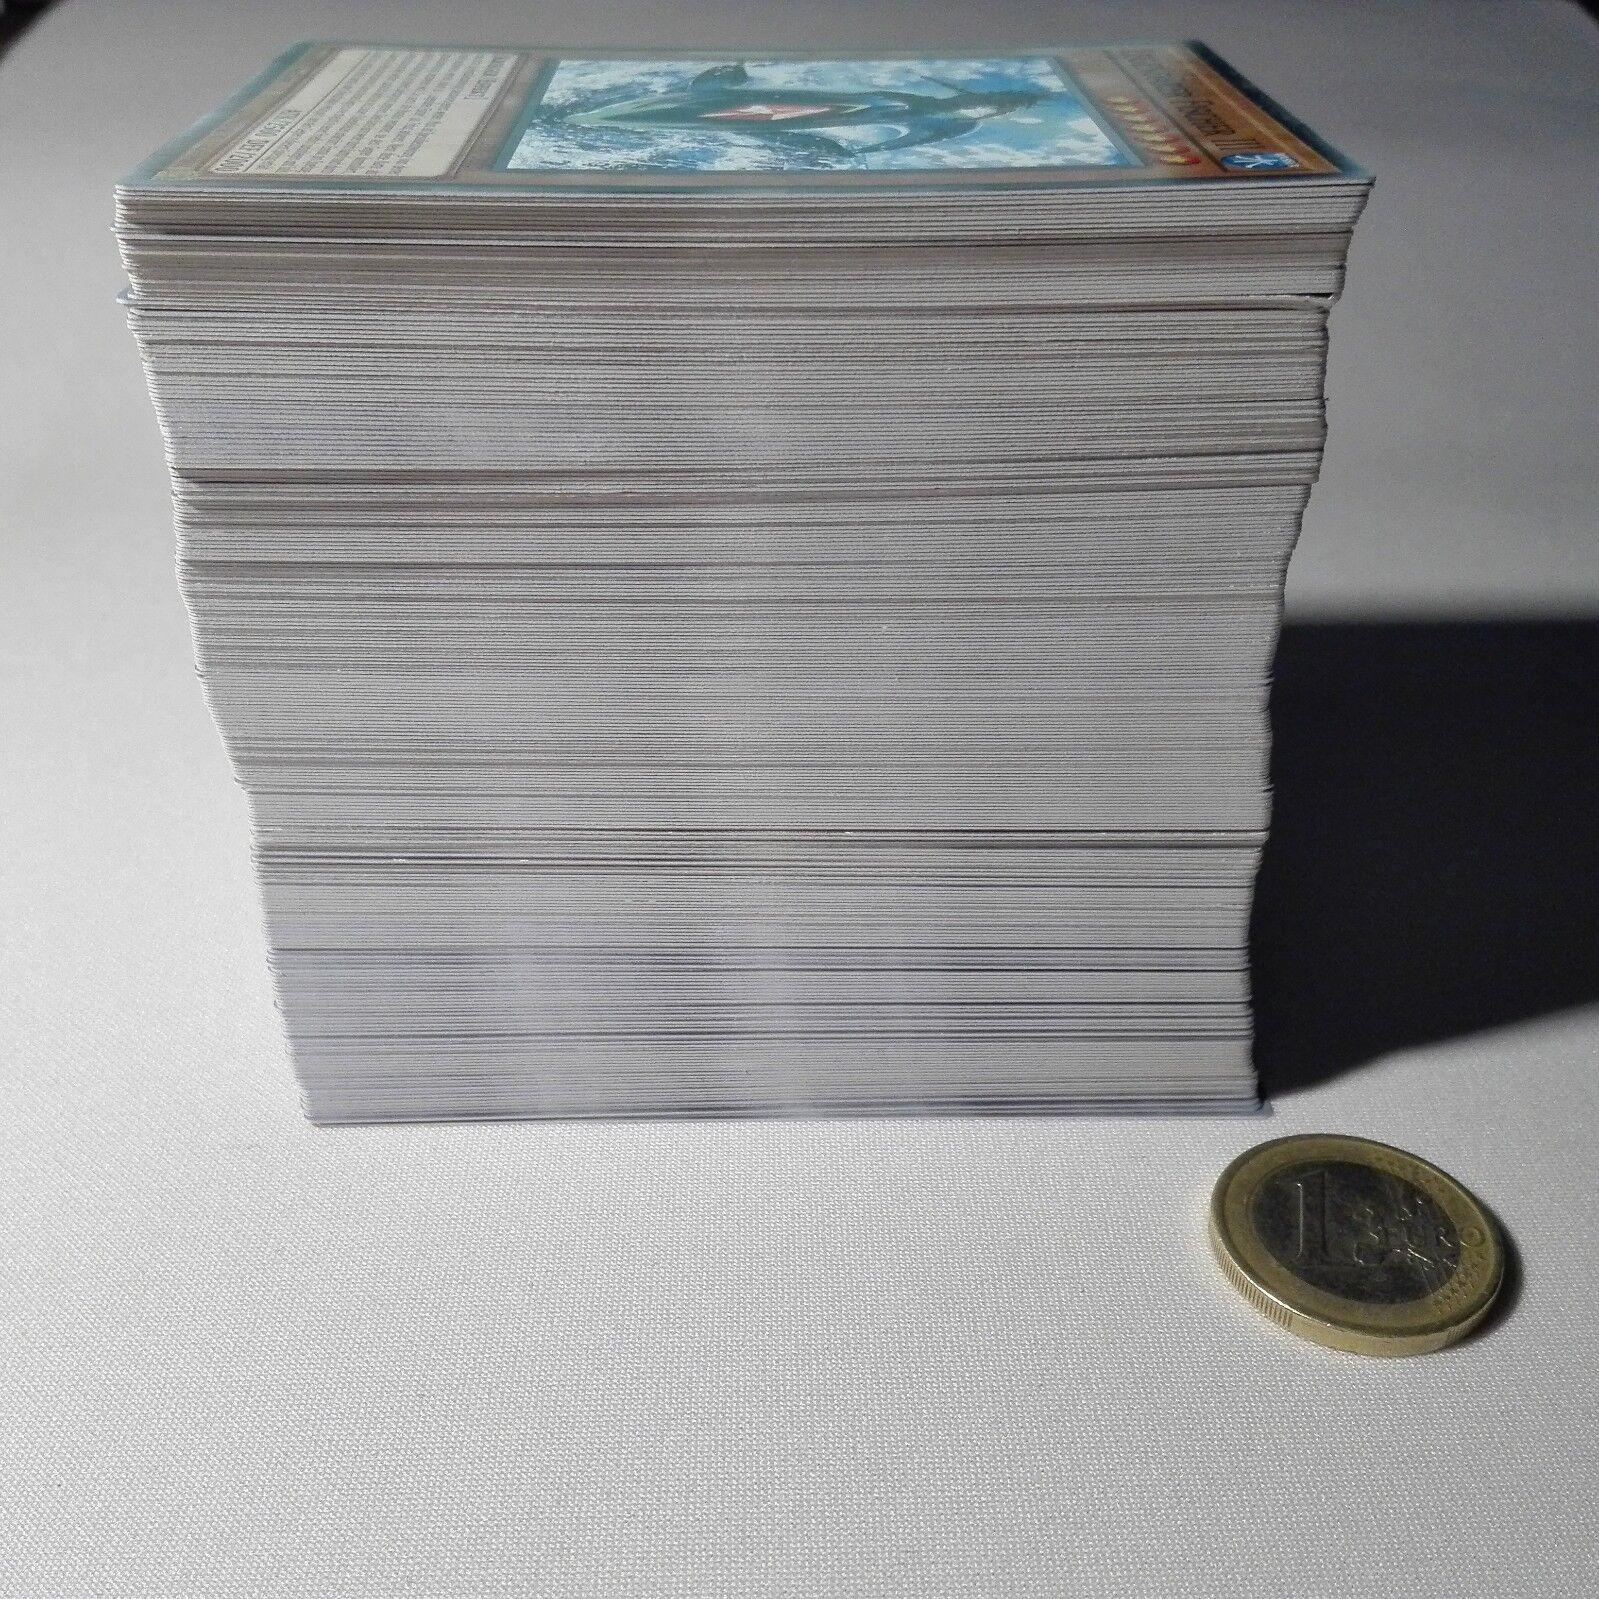 Yugioh Karten Sammlung 250 Stück Drache Magier deutsch Secret Ultra Rare Common